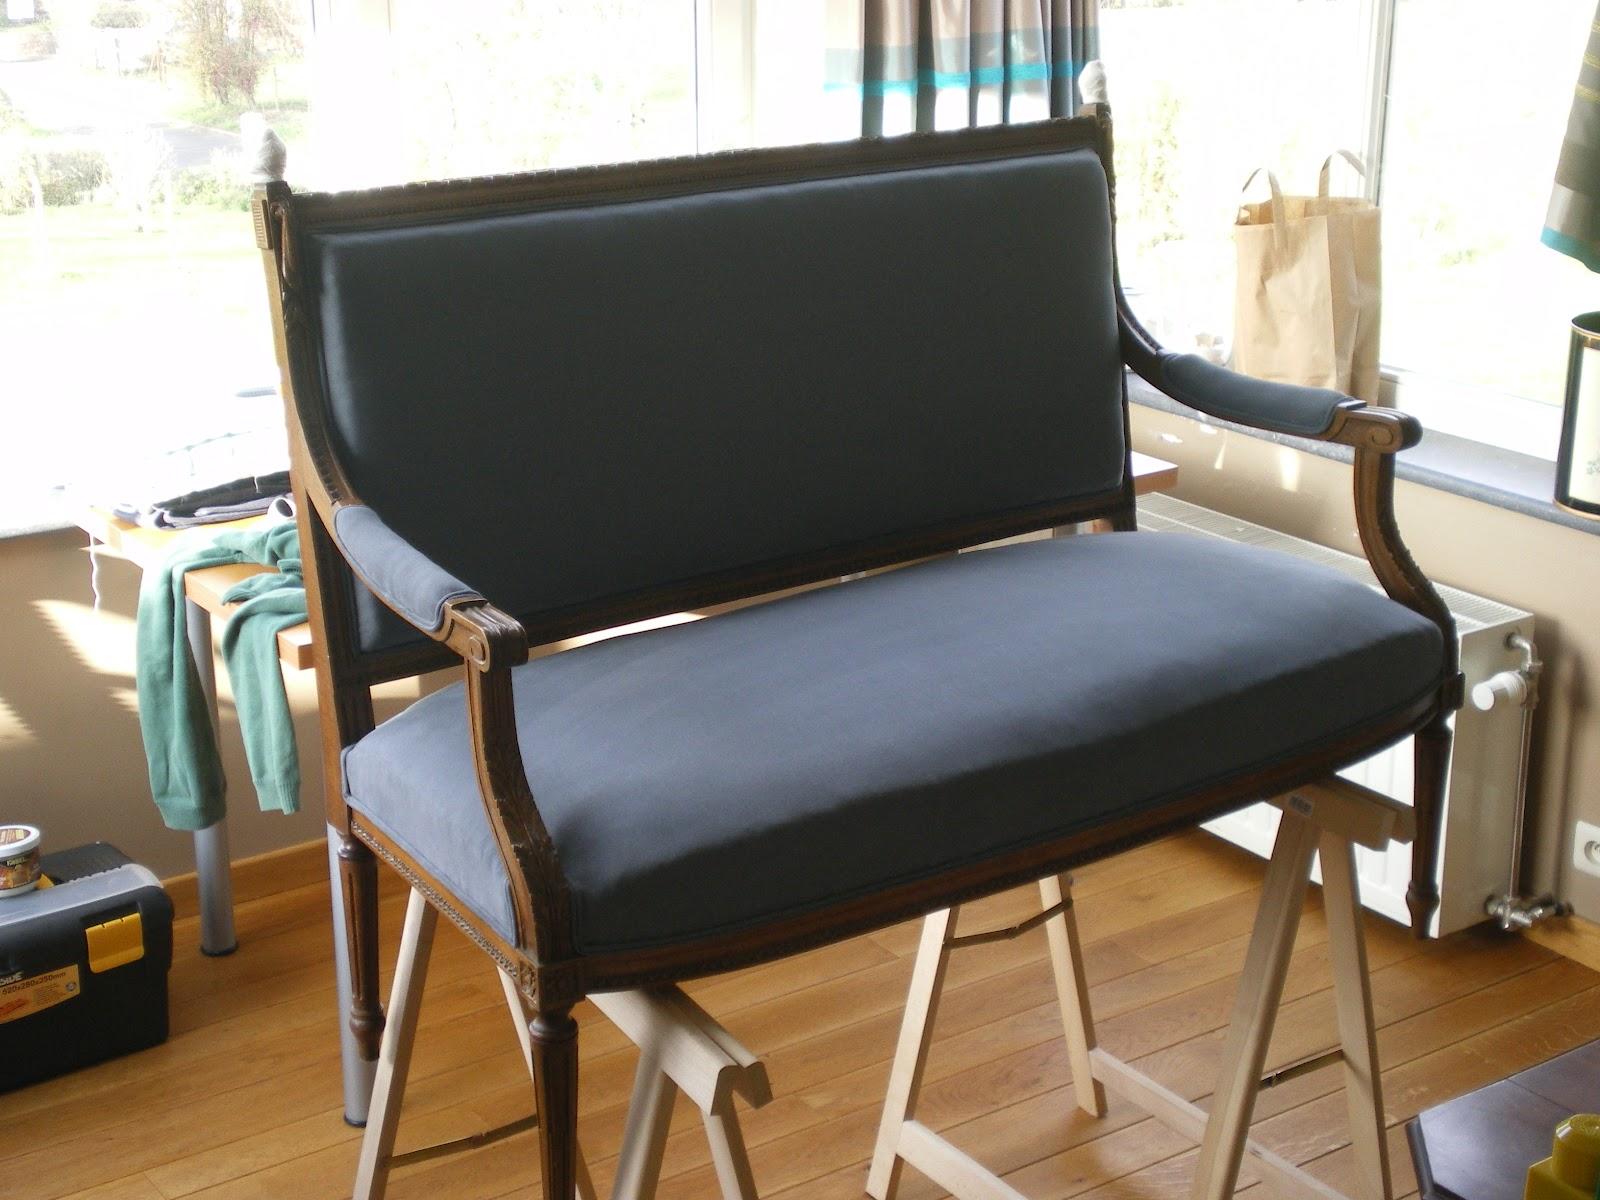 garnissage l 39 ancienne canap. Black Bedroom Furniture Sets. Home Design Ideas